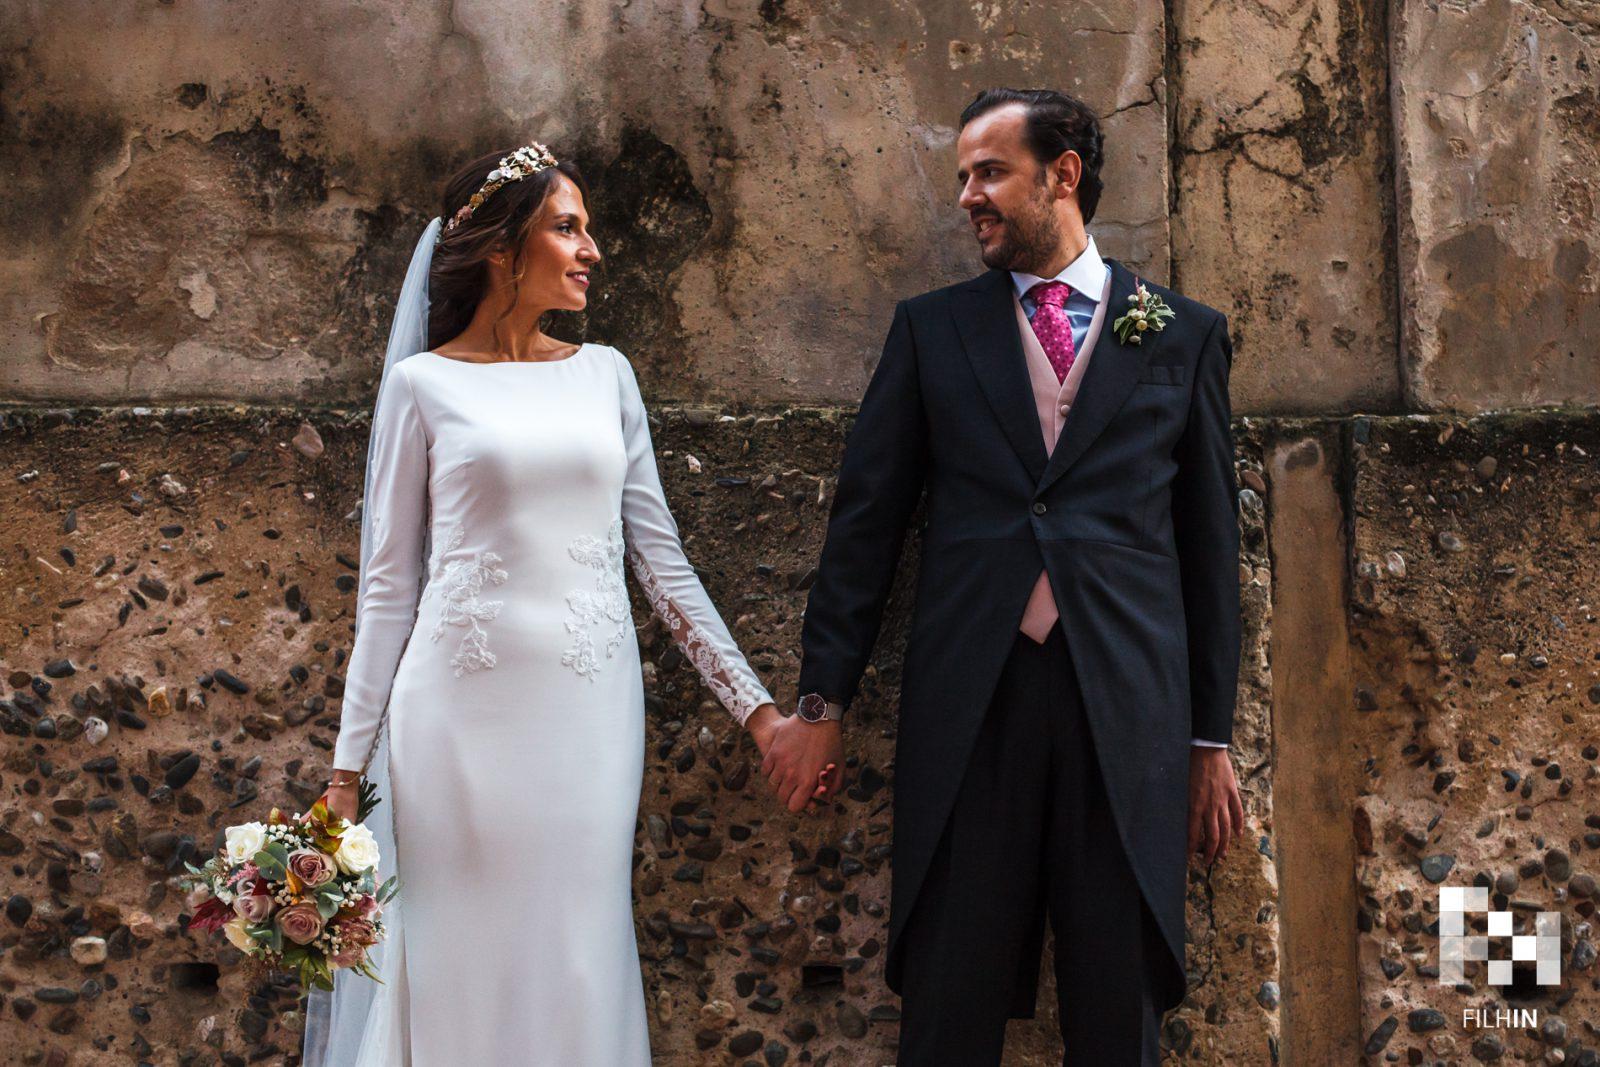 La boda de Rocío y Ernesto | FILHIN